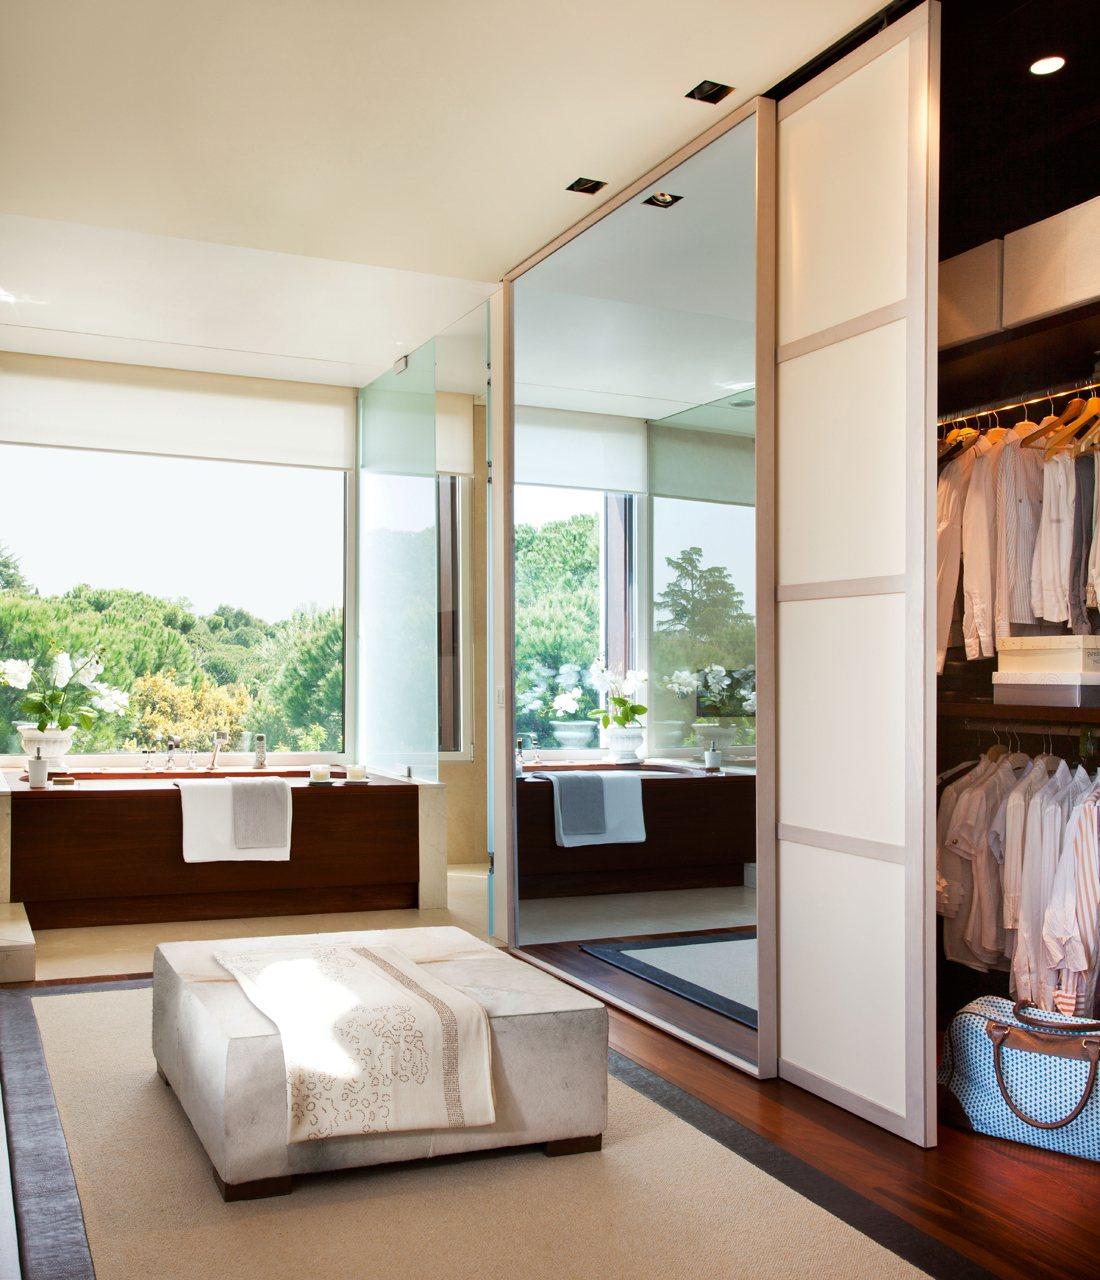 Baño Vestidor Diseno:Un baño amplio y muy versátil con vestidor